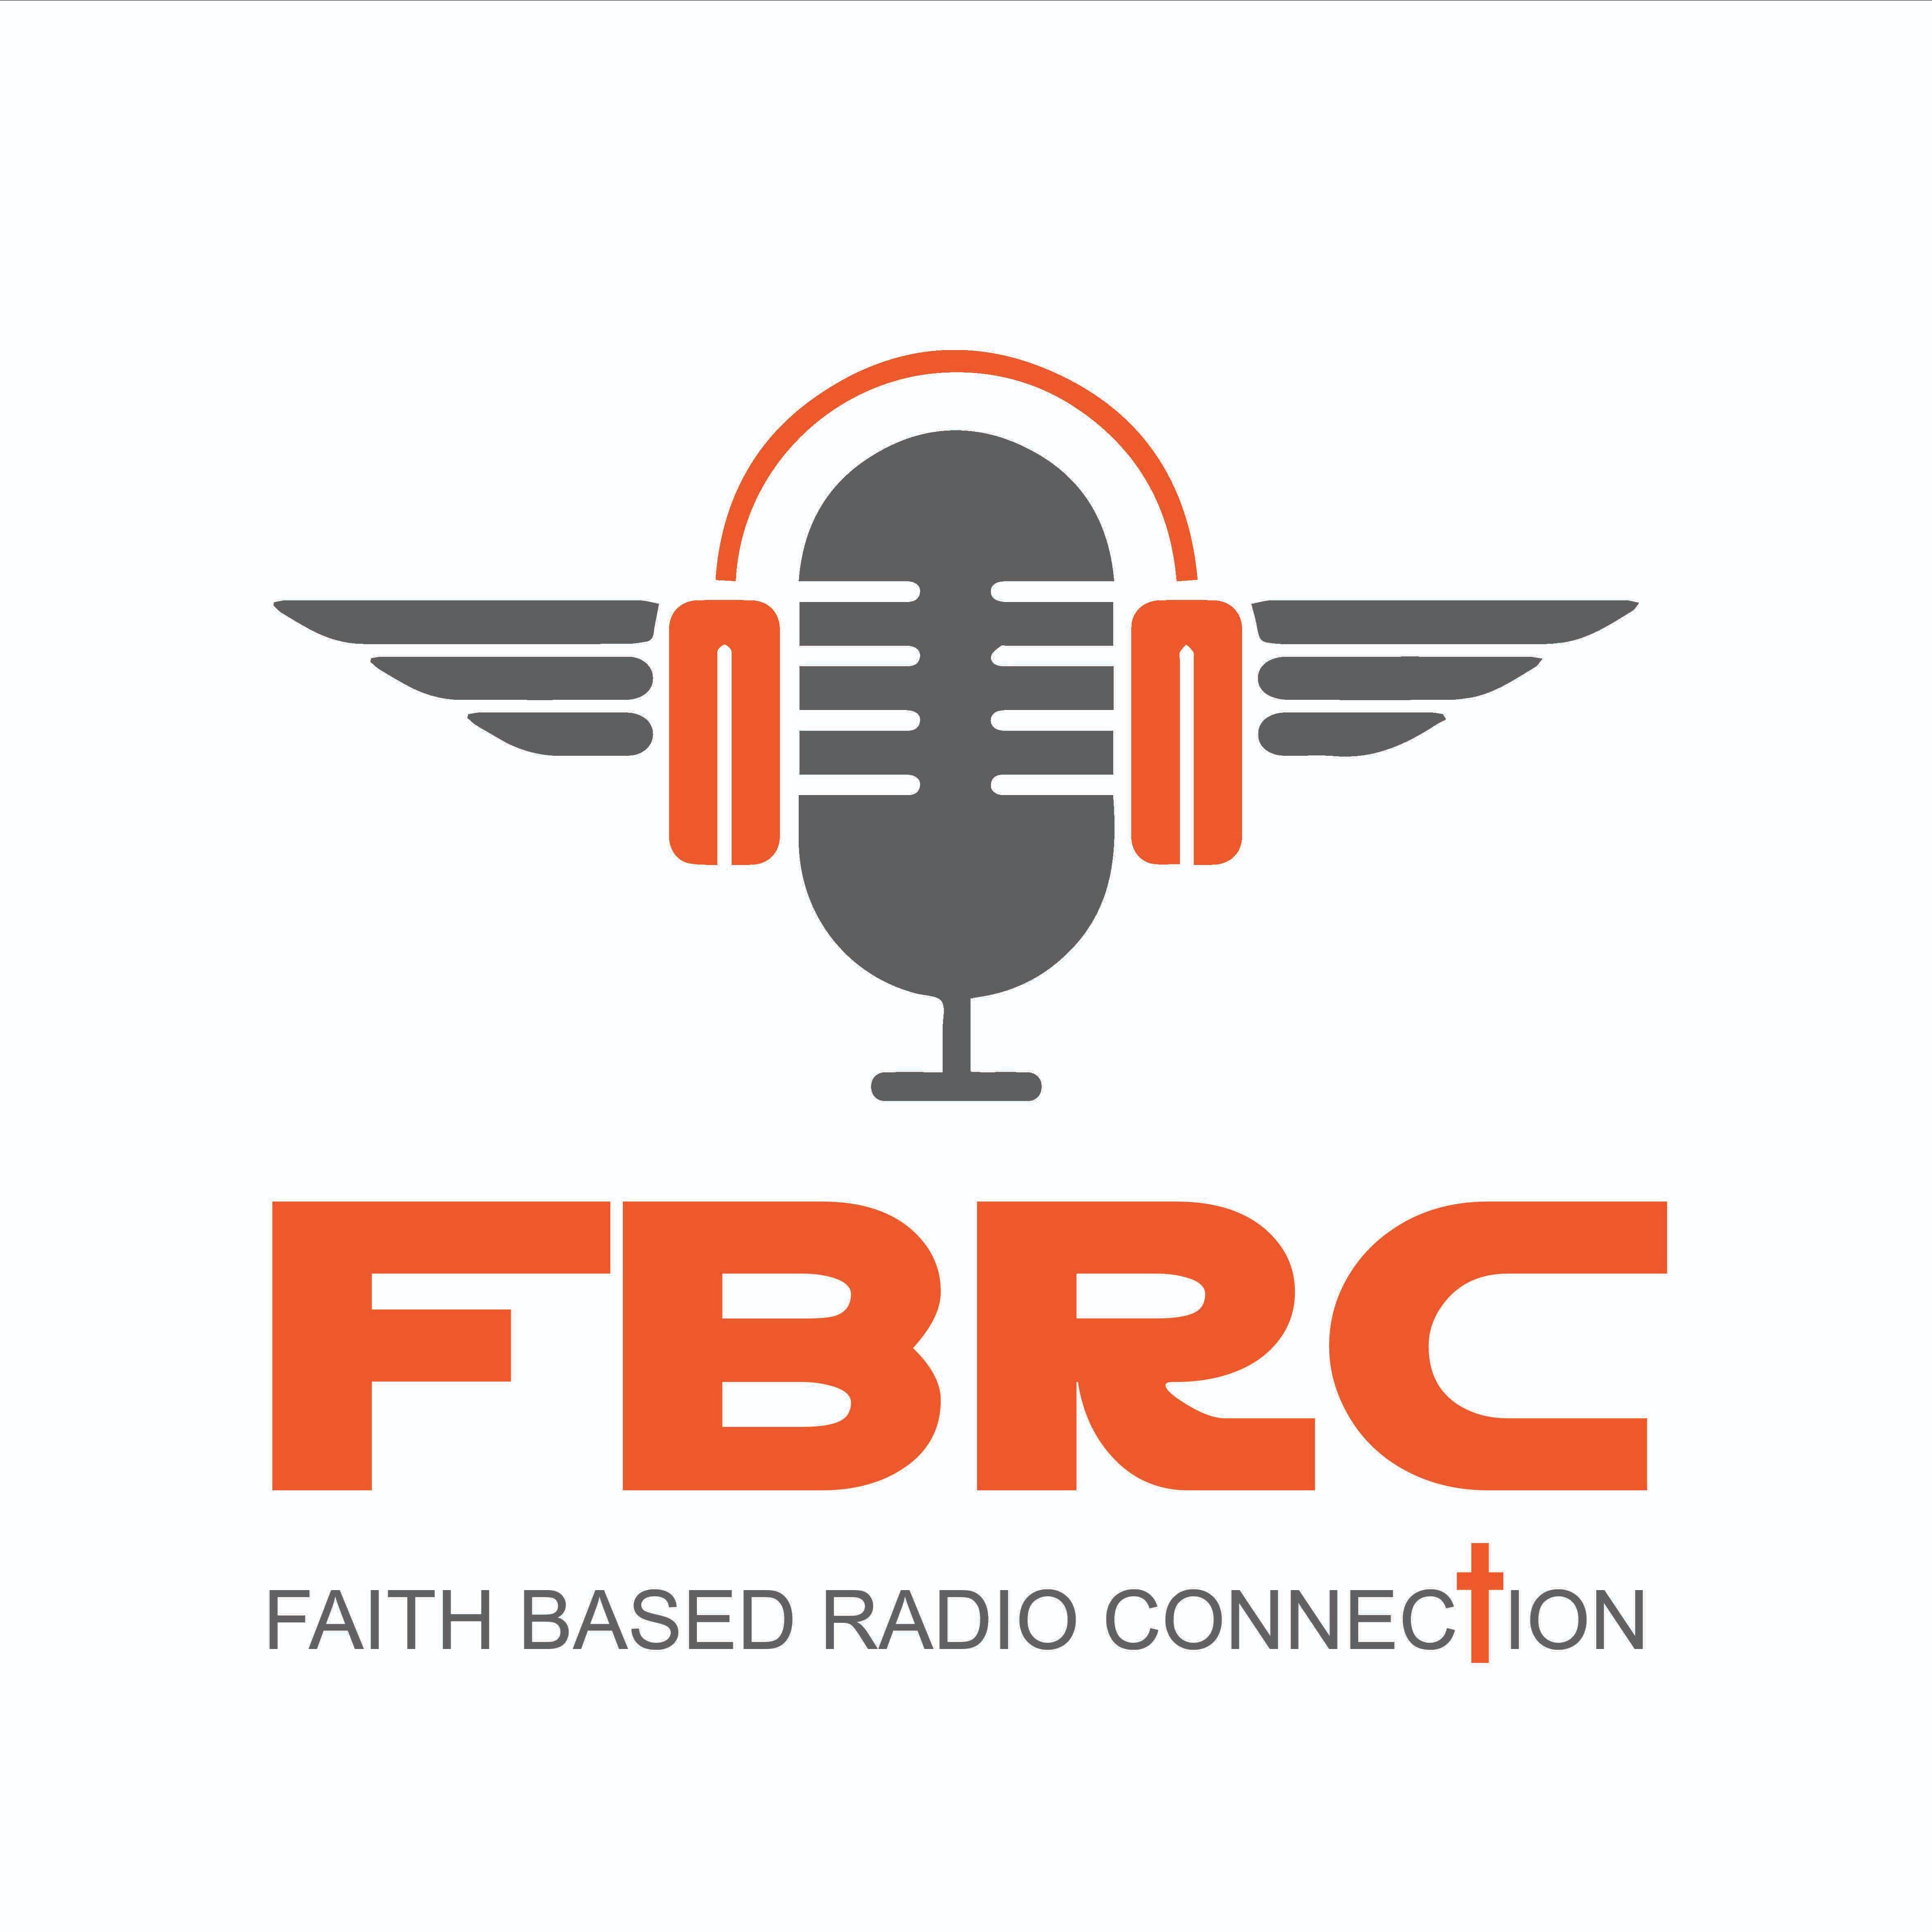 Faith Based Radio Connection